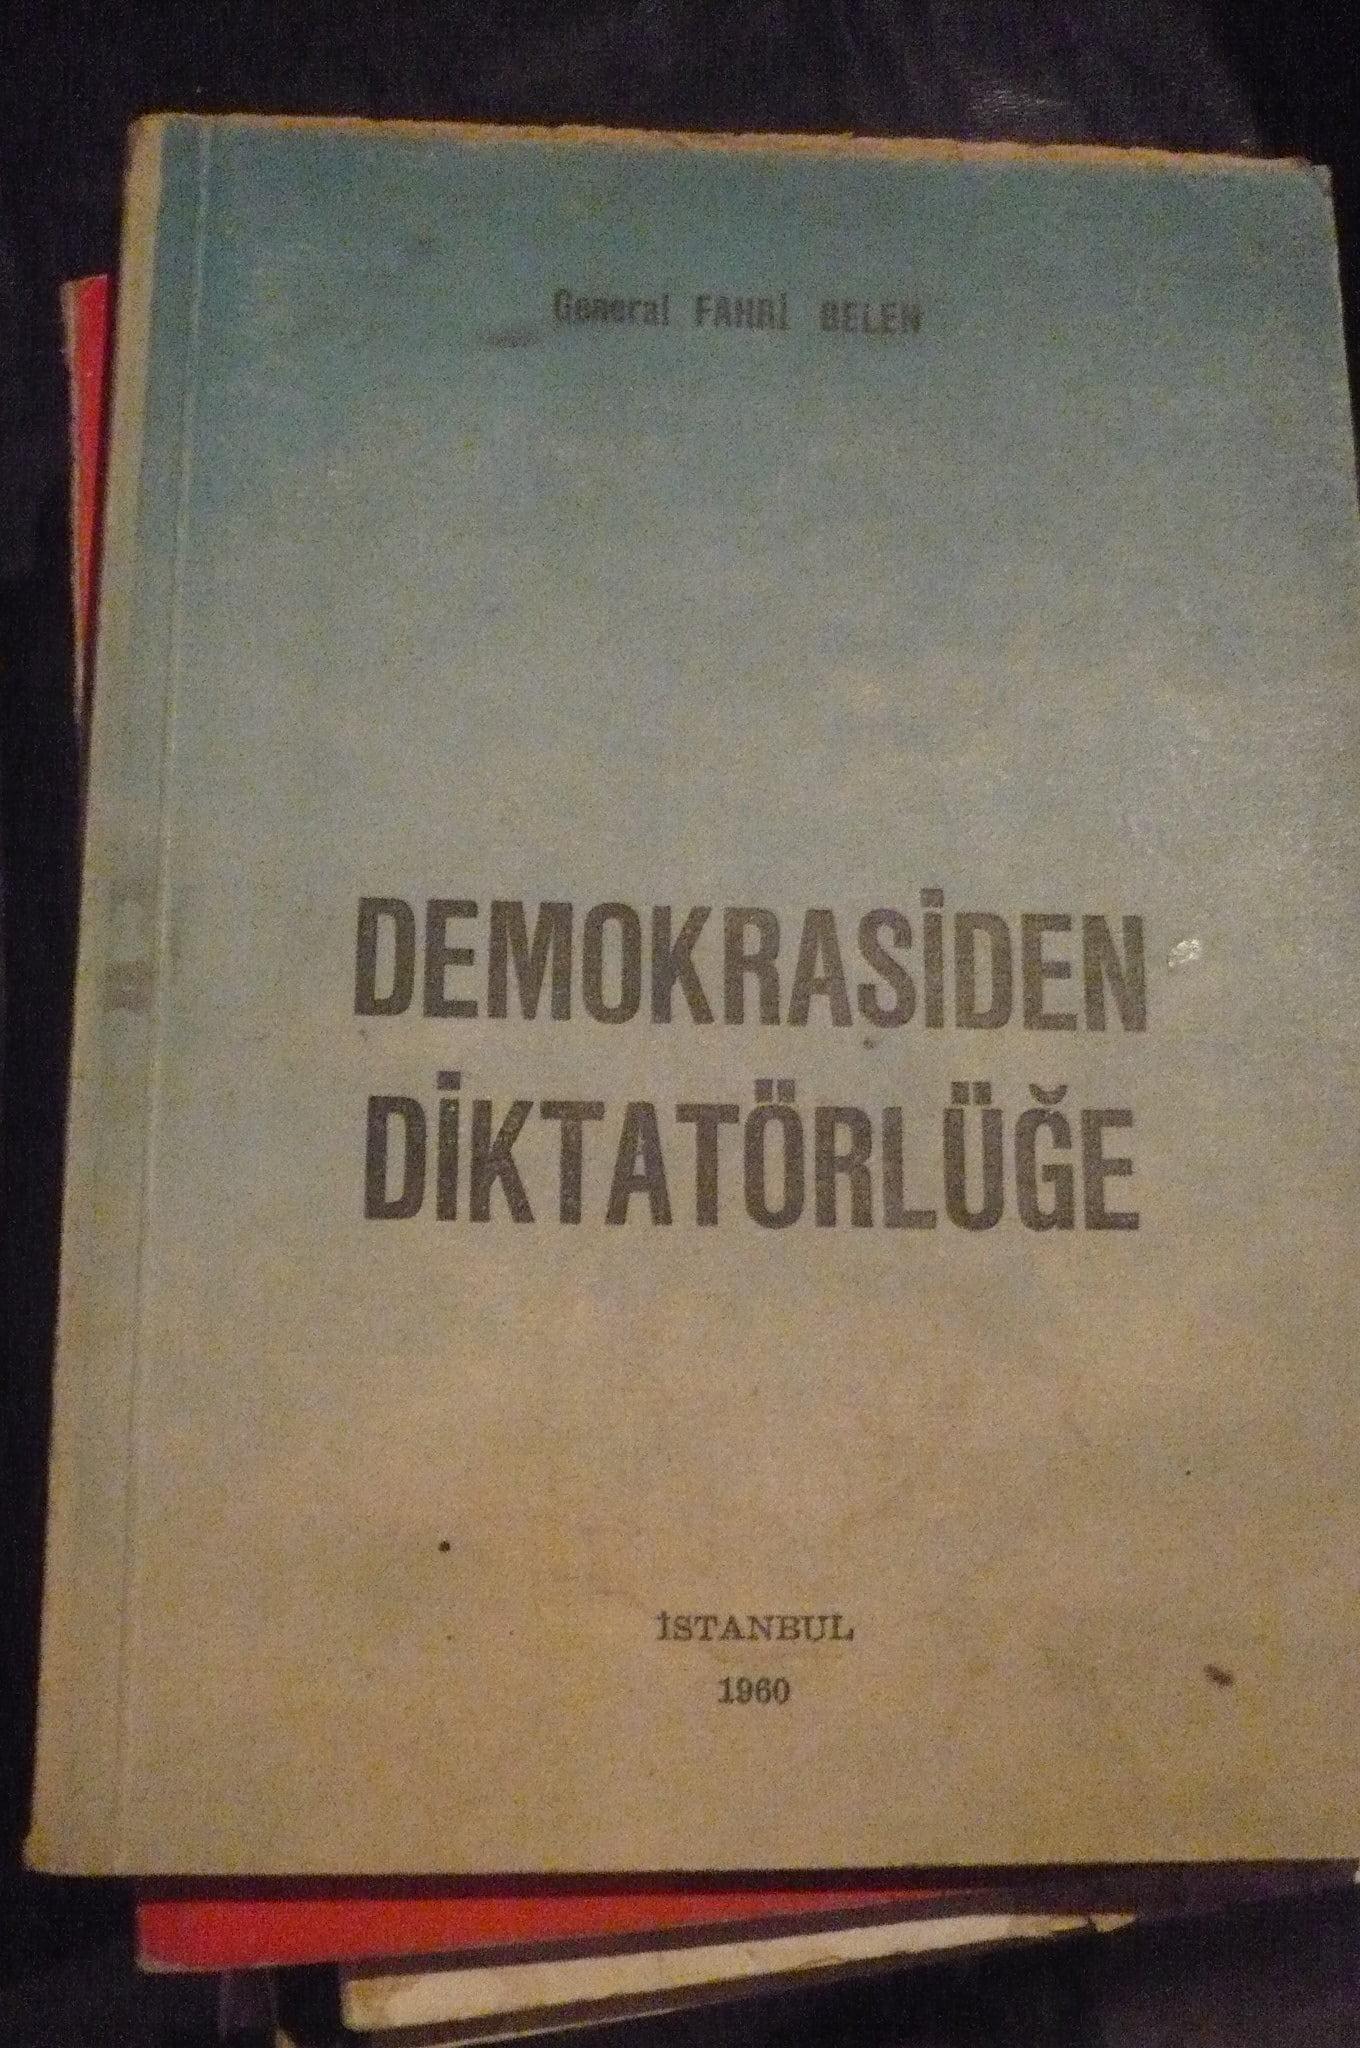 DEMOKRASİDEN DİKTATÖRLÜĞE/Fahri BELEN